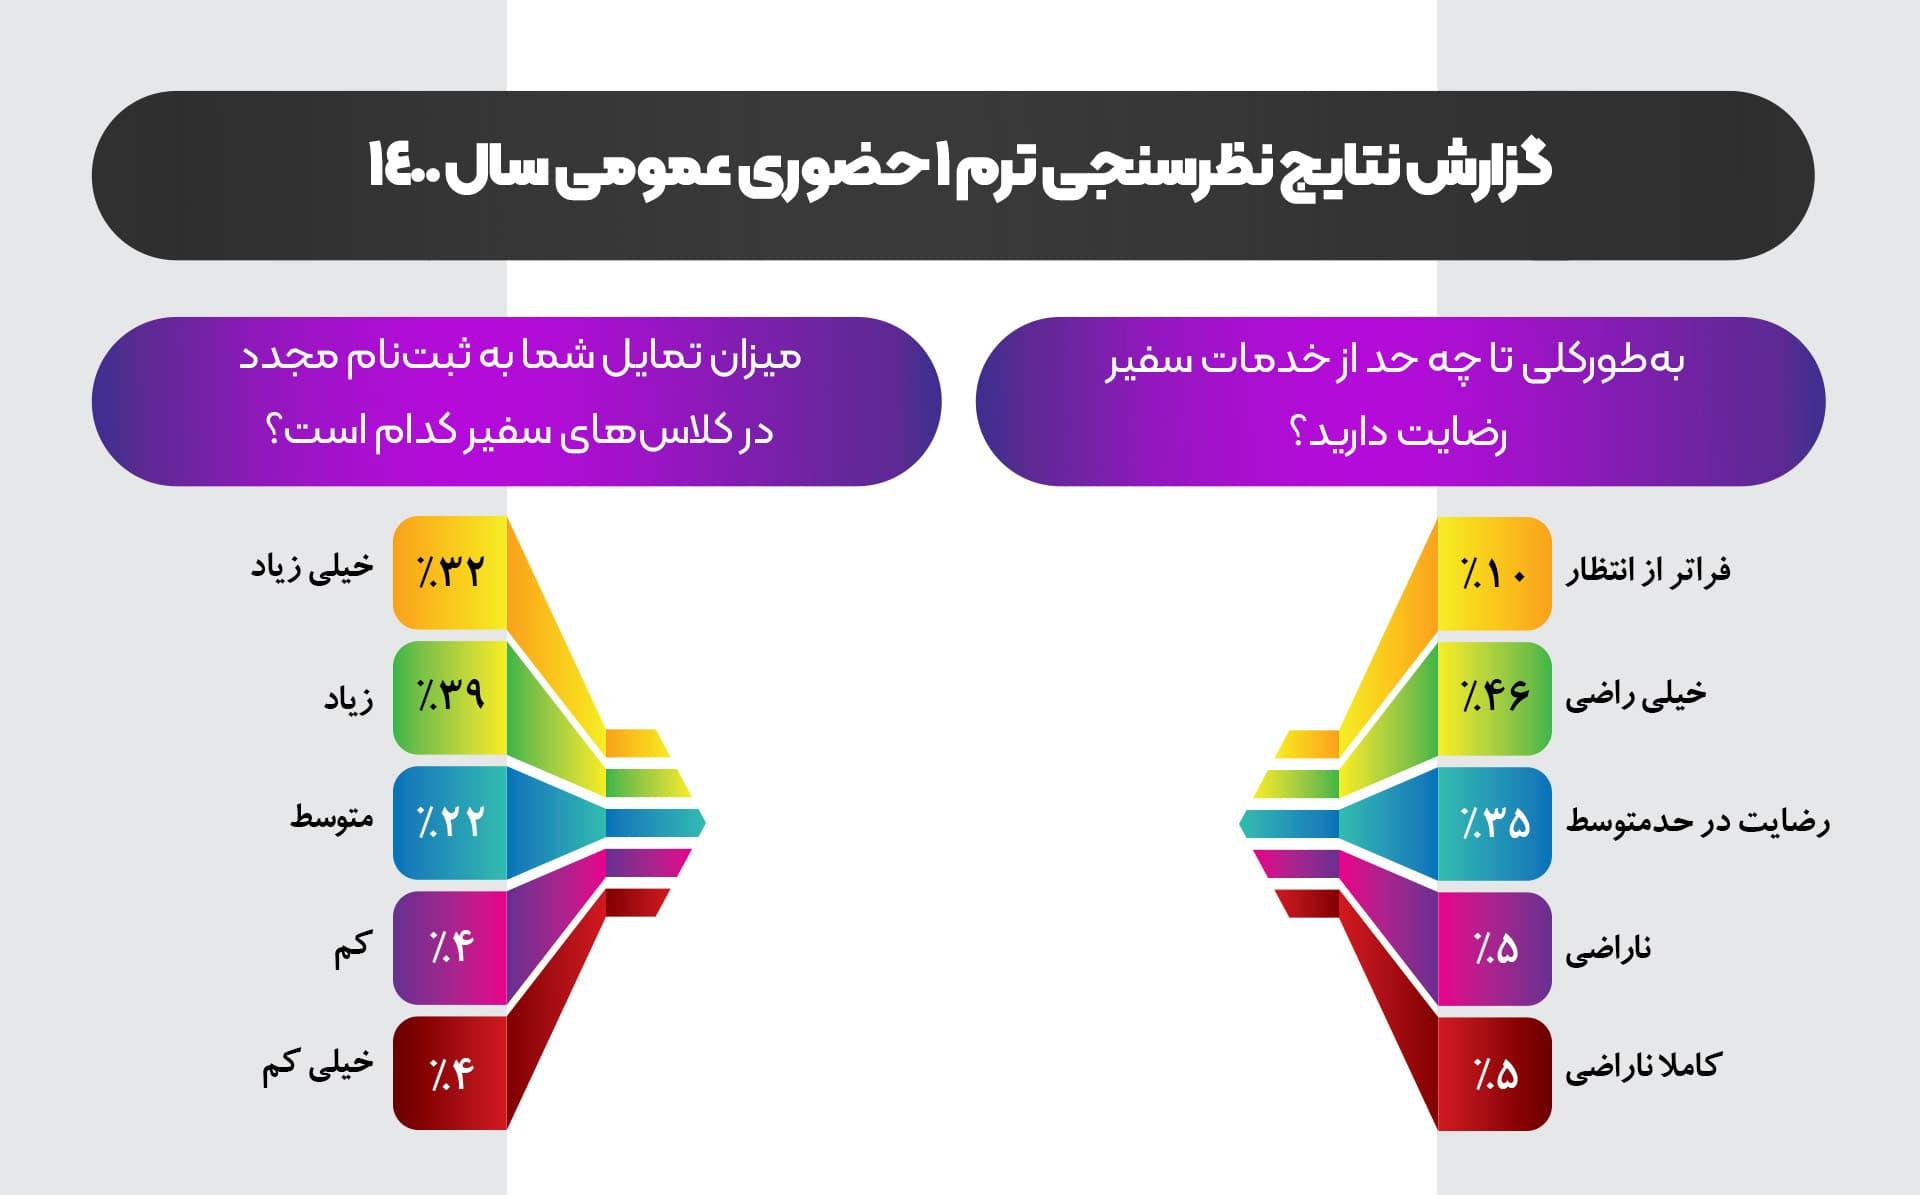 نظرسنجی دورههای عمومی حضوری سفیر